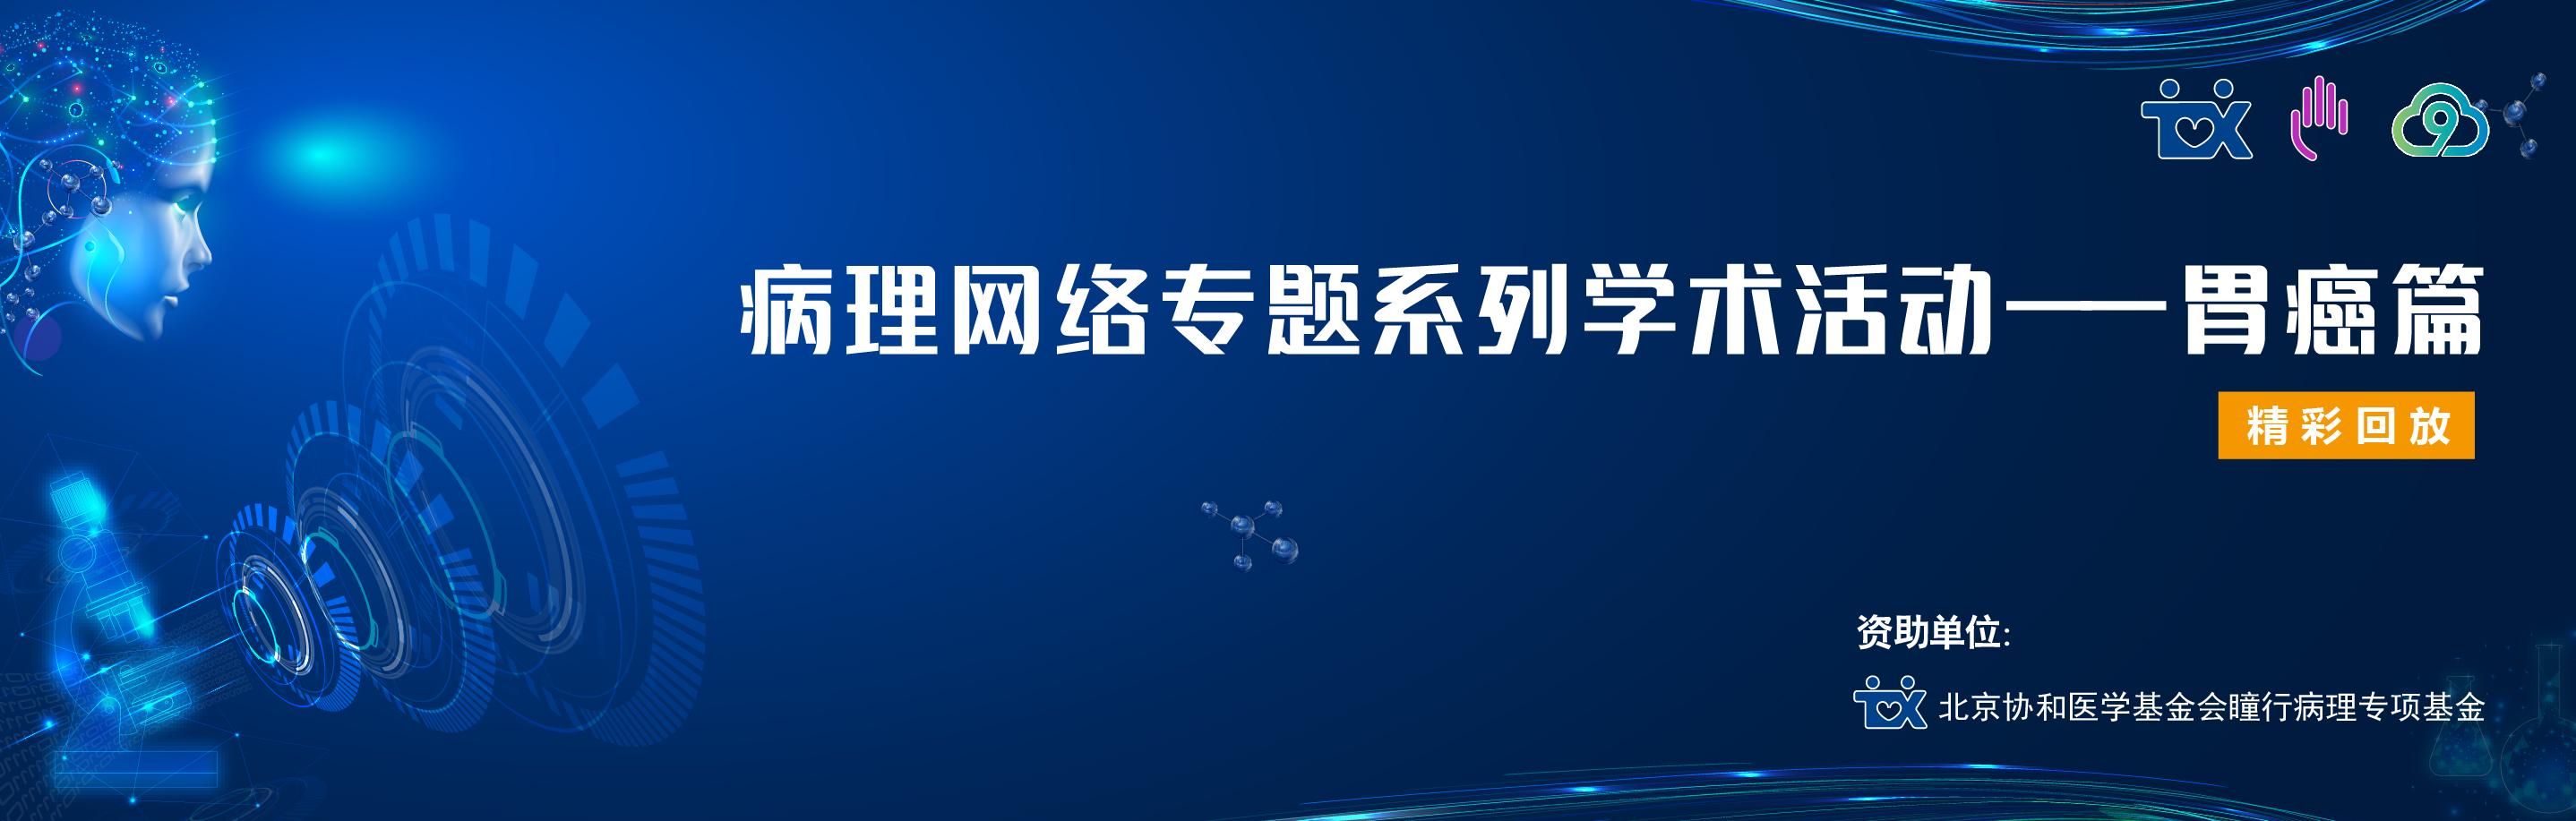 【精彩回放】北京协和医学基金会瞳行病理专项基金病理网络专题系列学术活动—胃癌篇